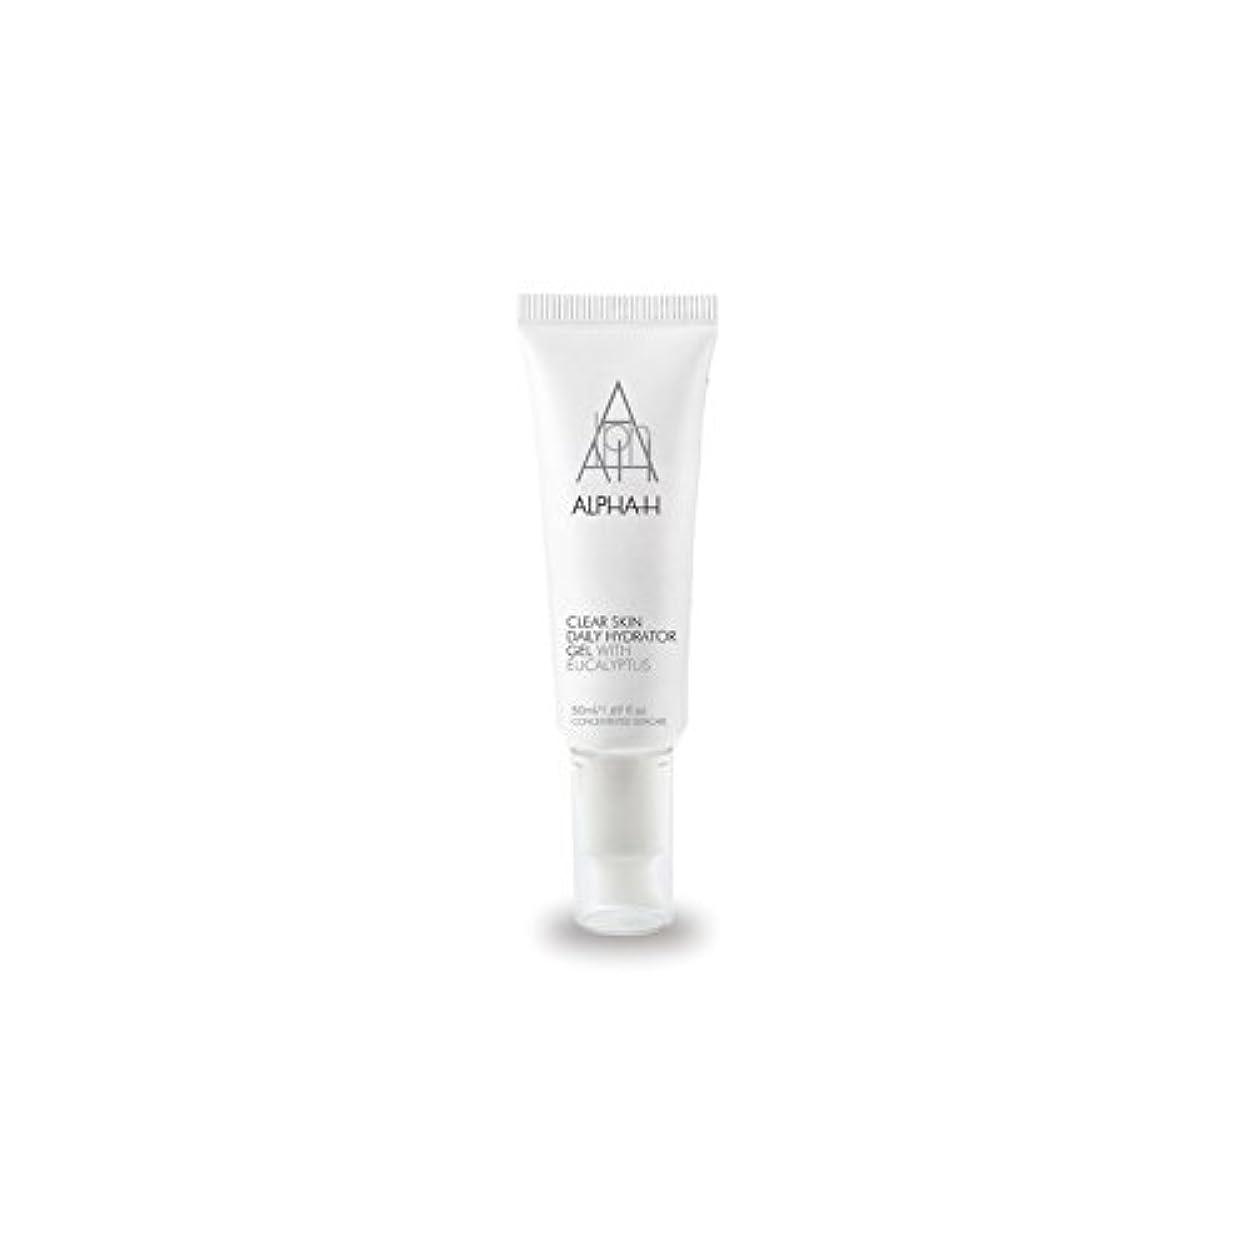 思慮深い粘性の広まったアルファクリア皮膚毎日ハイドレーターゲル(50)中 x4 - Alpha-H Clear Skin Daily Hydrator Gel (50ml) (Pack of 4) [並行輸入品]